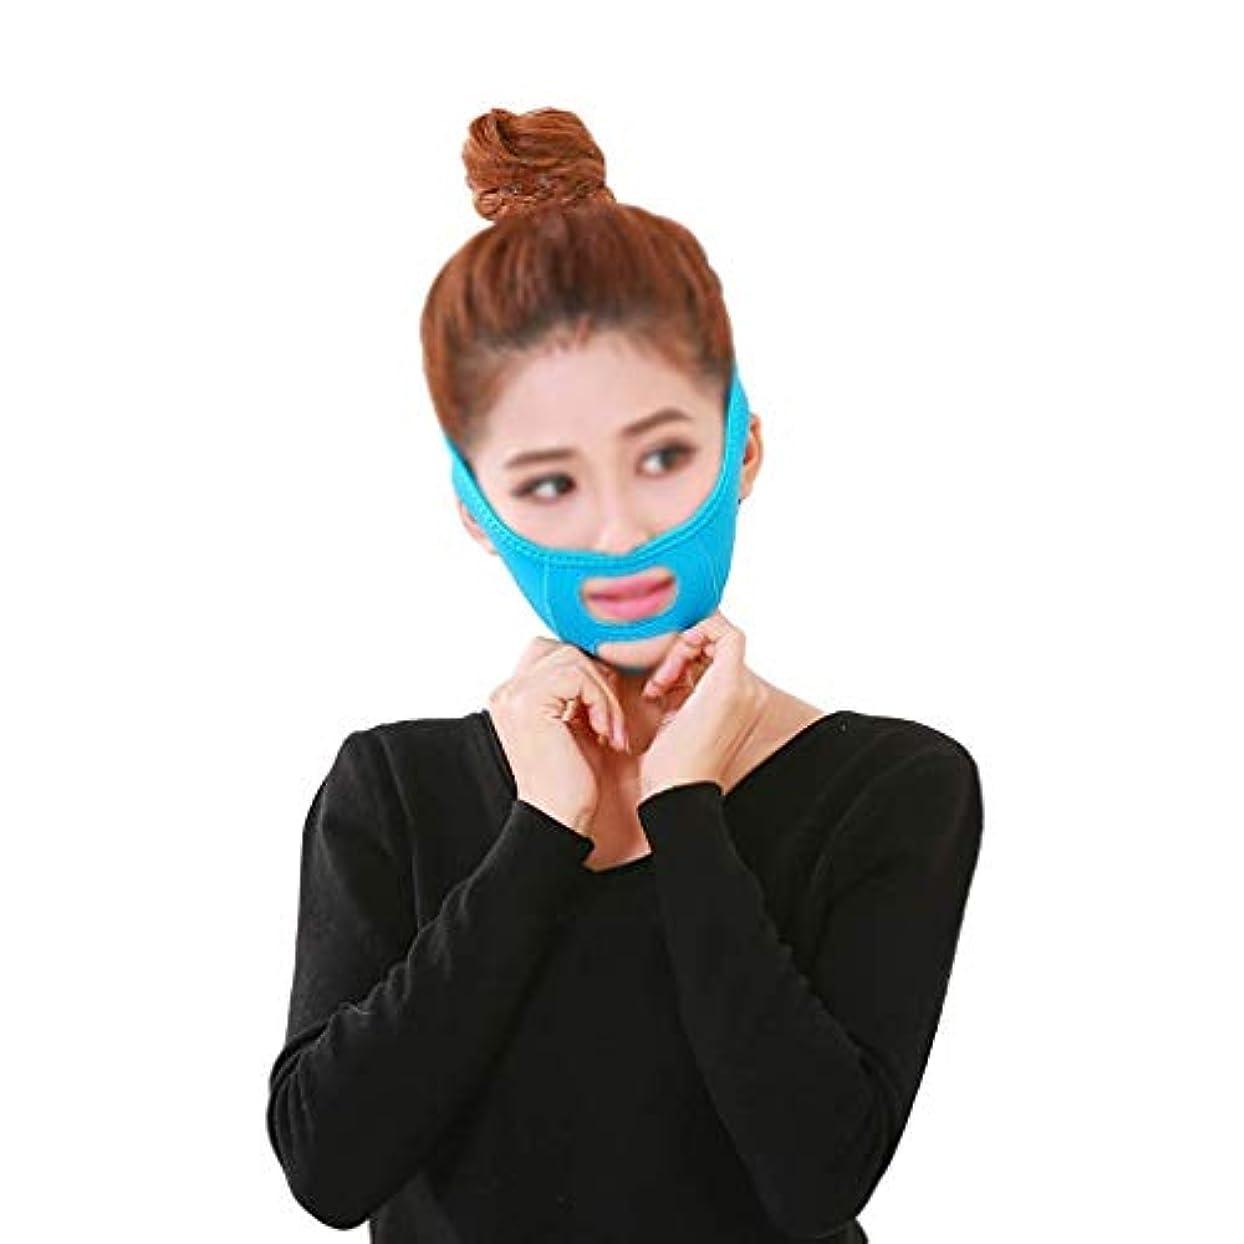 艦隊宴会埋めるフェイスリフトフェイシャル、肌のリラクゼーションを防ぐためのタイトなVフェイスマスクVフェイスアーティファクトフェイスリフトバンデージフェイスケア(色:青)